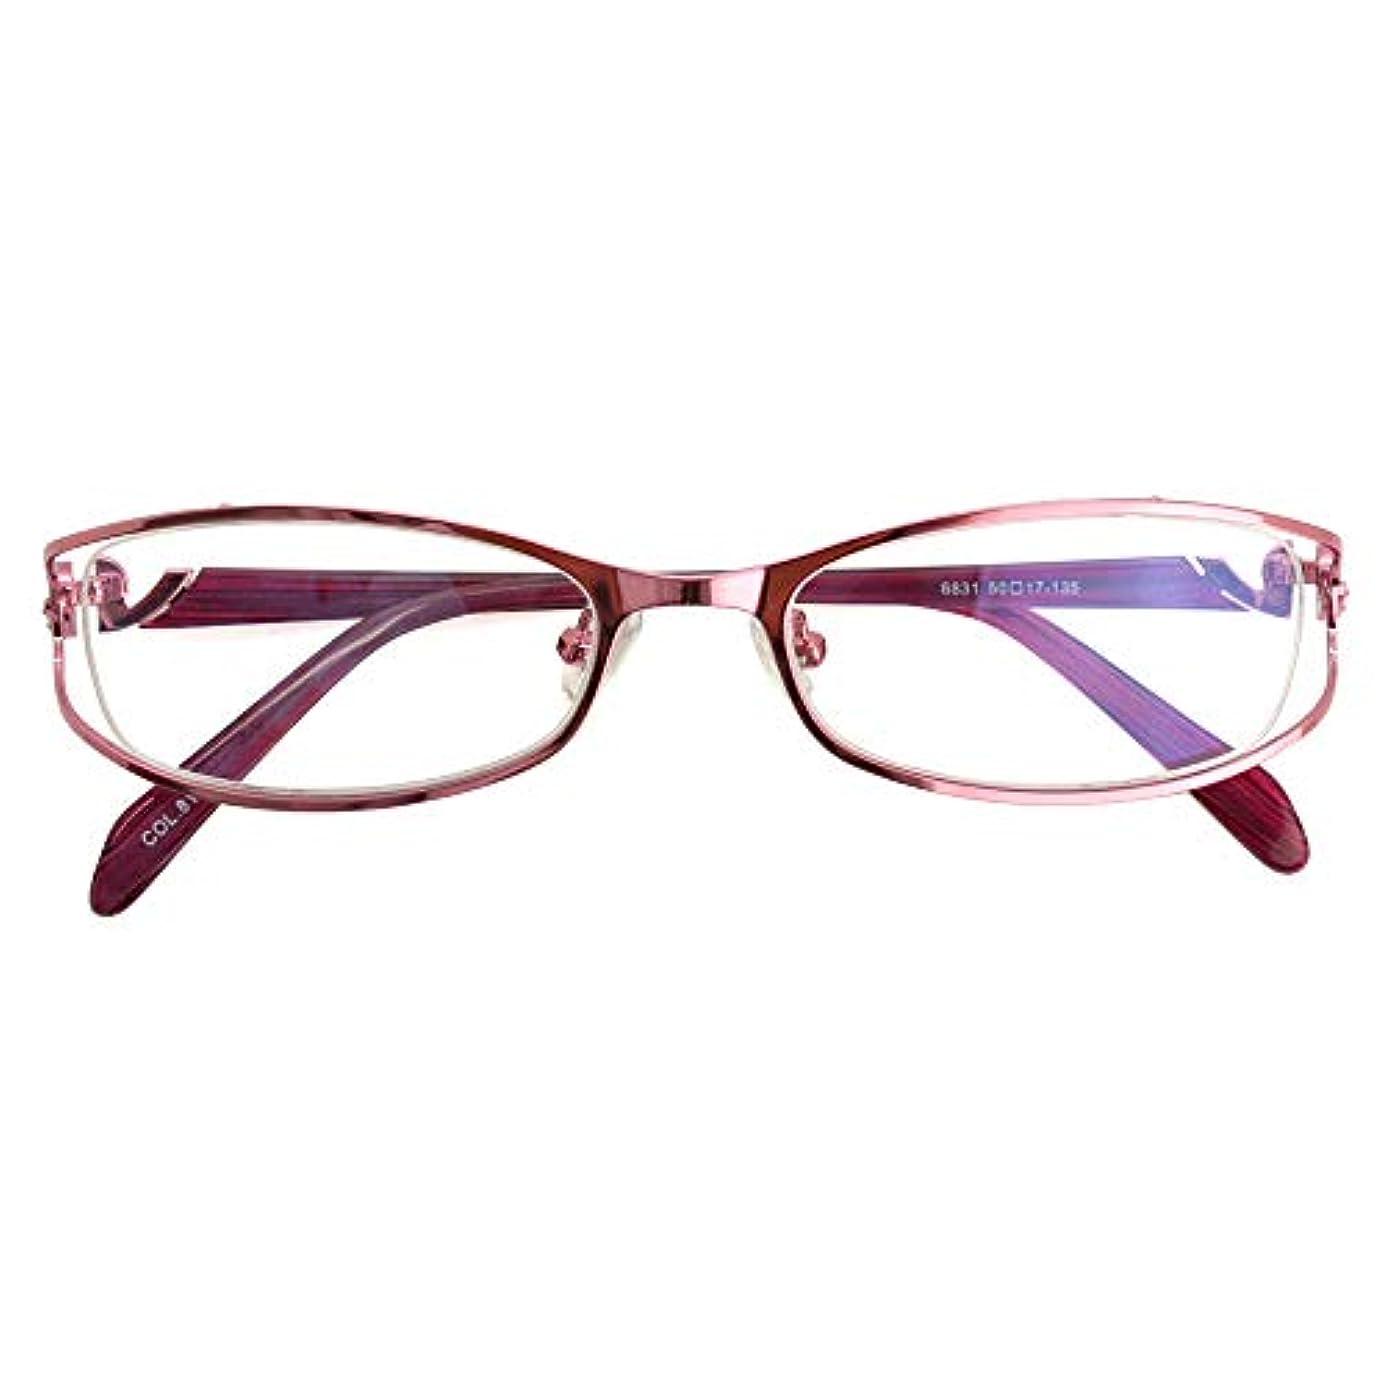 SHOWA (RSN) ピンクステン 遠近両用 メガネ (レディース セット) 全額返金保証 老眼鏡 リーディンググラス 眼鏡 (瞳孔距離:57mm~59mm, 近くを見る度数:+3.0)